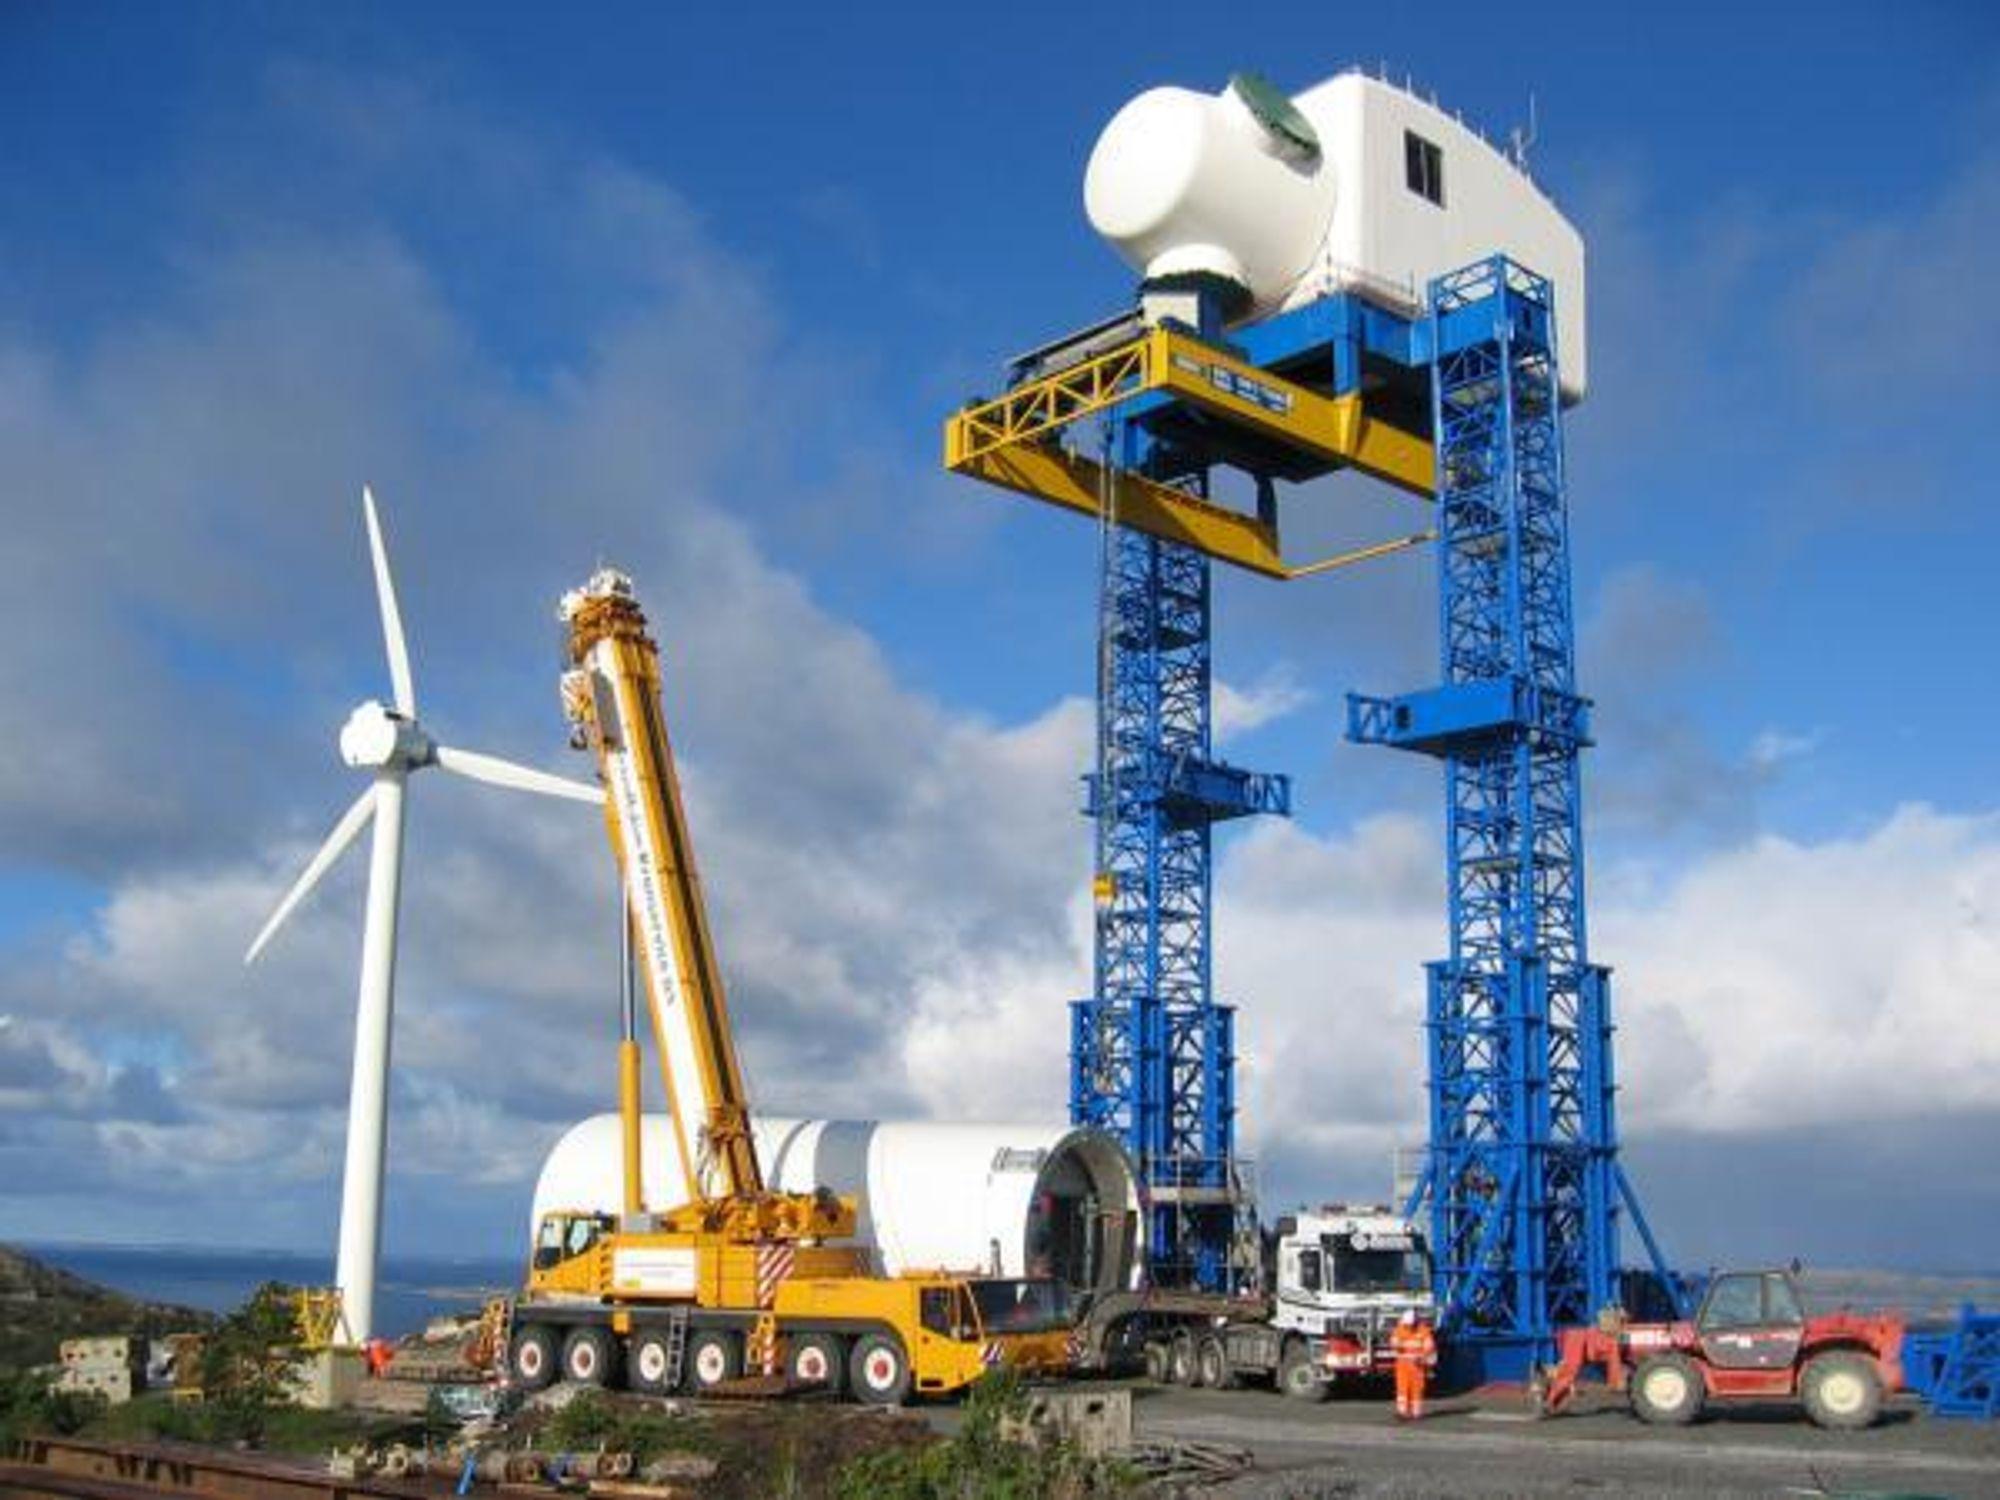 UT PÅ HAVET: Lyse, Statoil og GE skal samarbeide om å gjøre GEs direktedrevne vindmøller klare for havvind. Prosjektet kan gi muligheter for flere norske leverandørbedrifter til å bidra med ny teknologi.